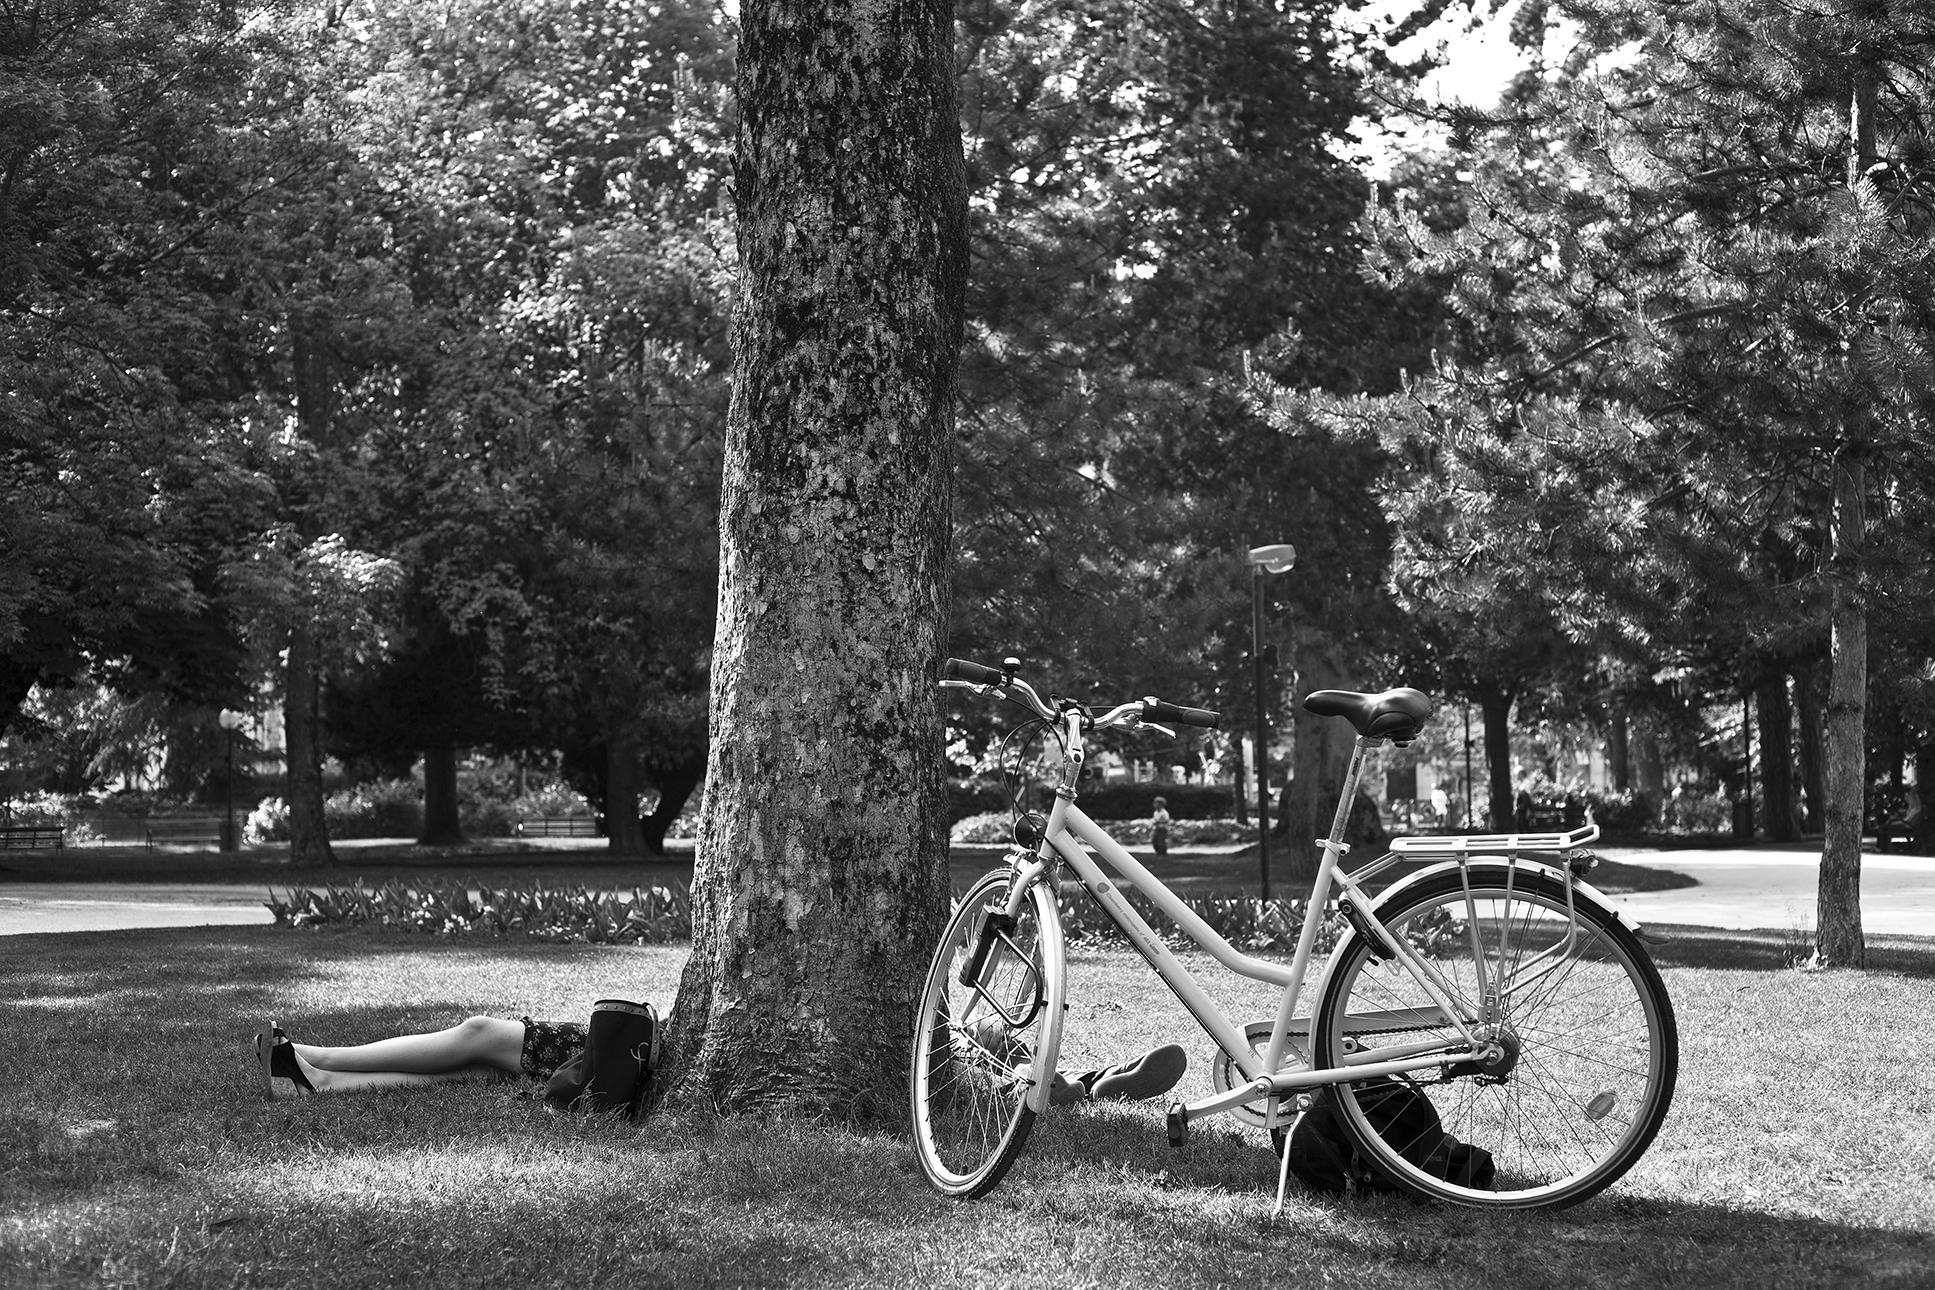 au-pied-de-l'arbre-Chambéry-mai-2011.jpg